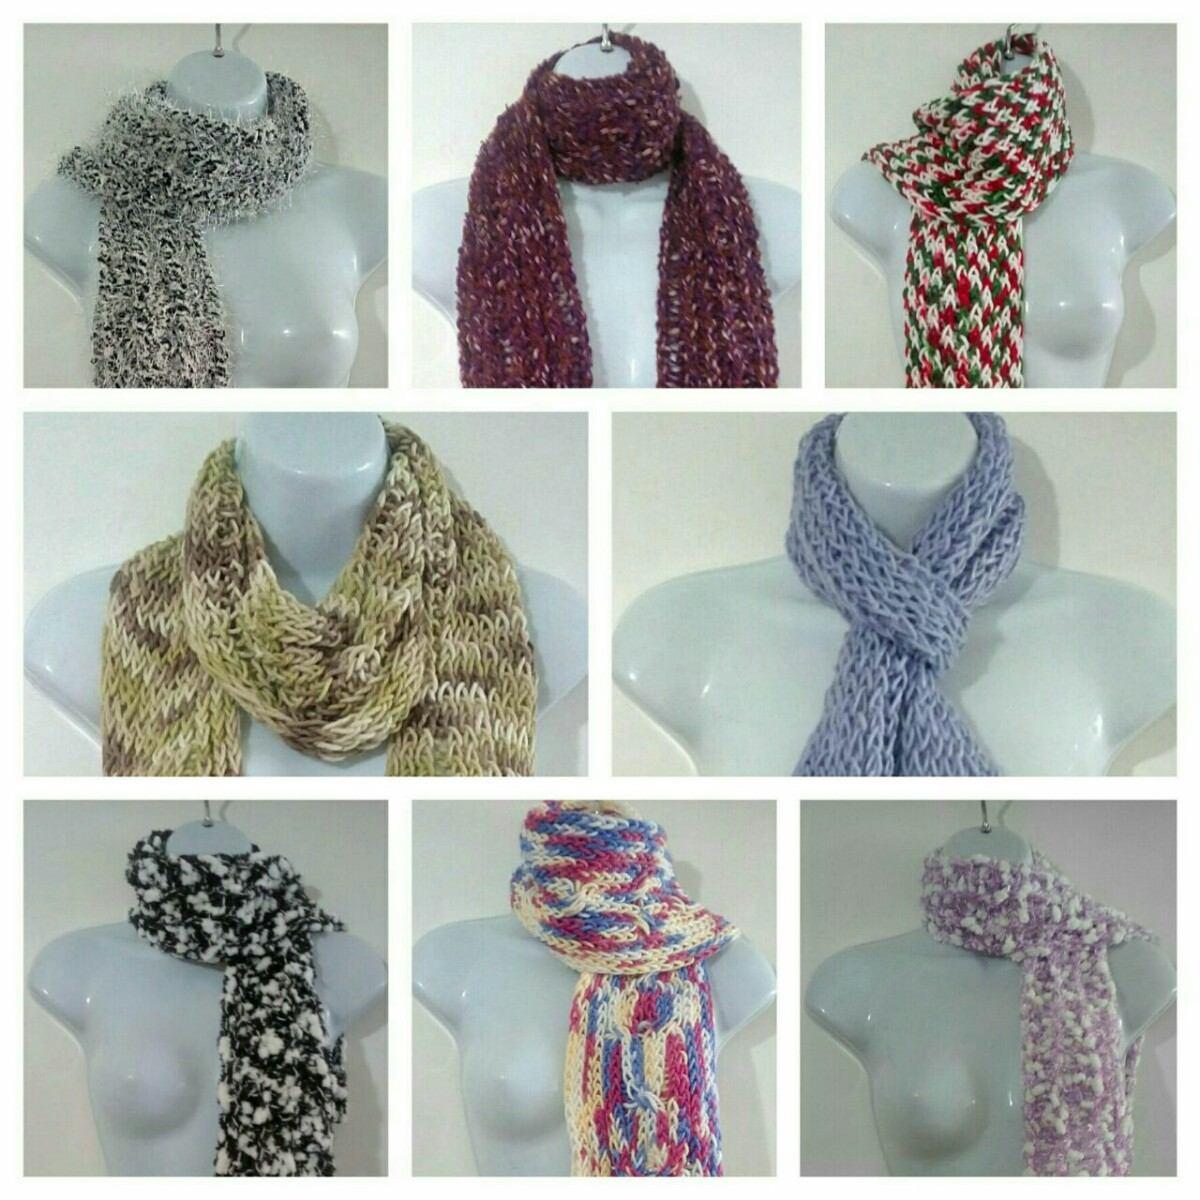 Bufandas largas de lana tejidas en telares bs - Bufandas de lana originales ...